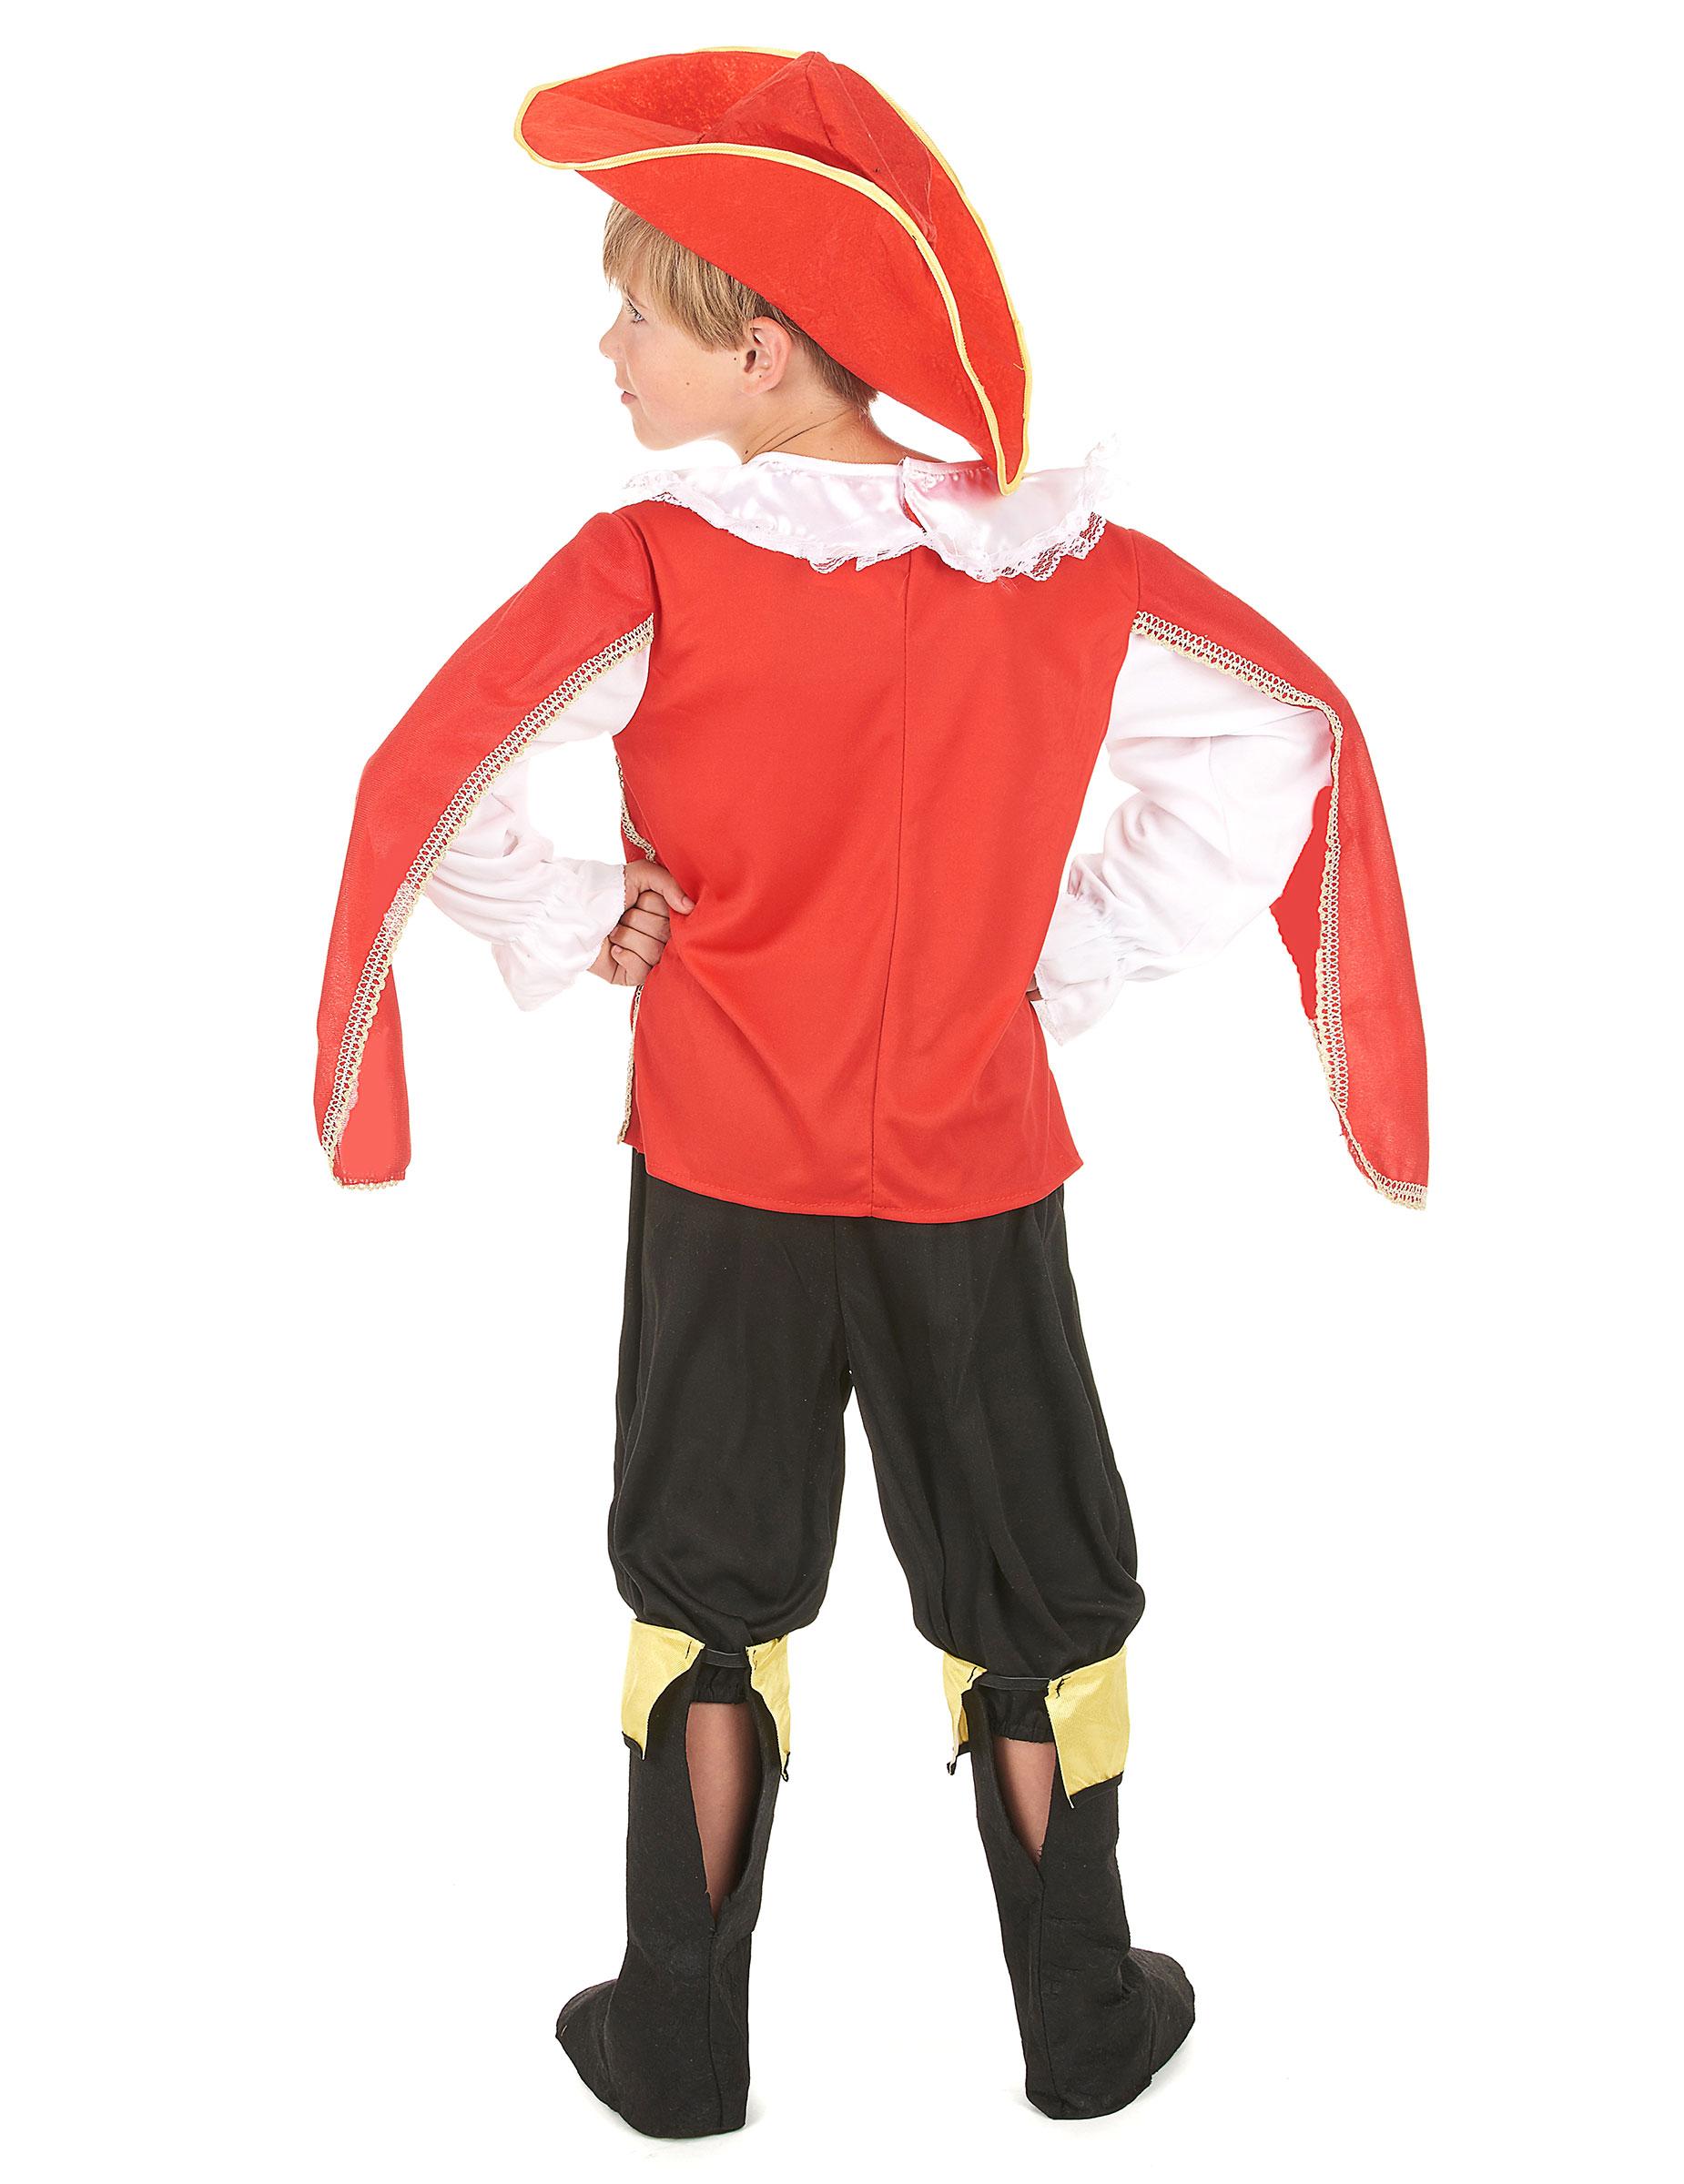 Costume Moschettiere rosso bambino  Costumi bambini ce71f84d43ee